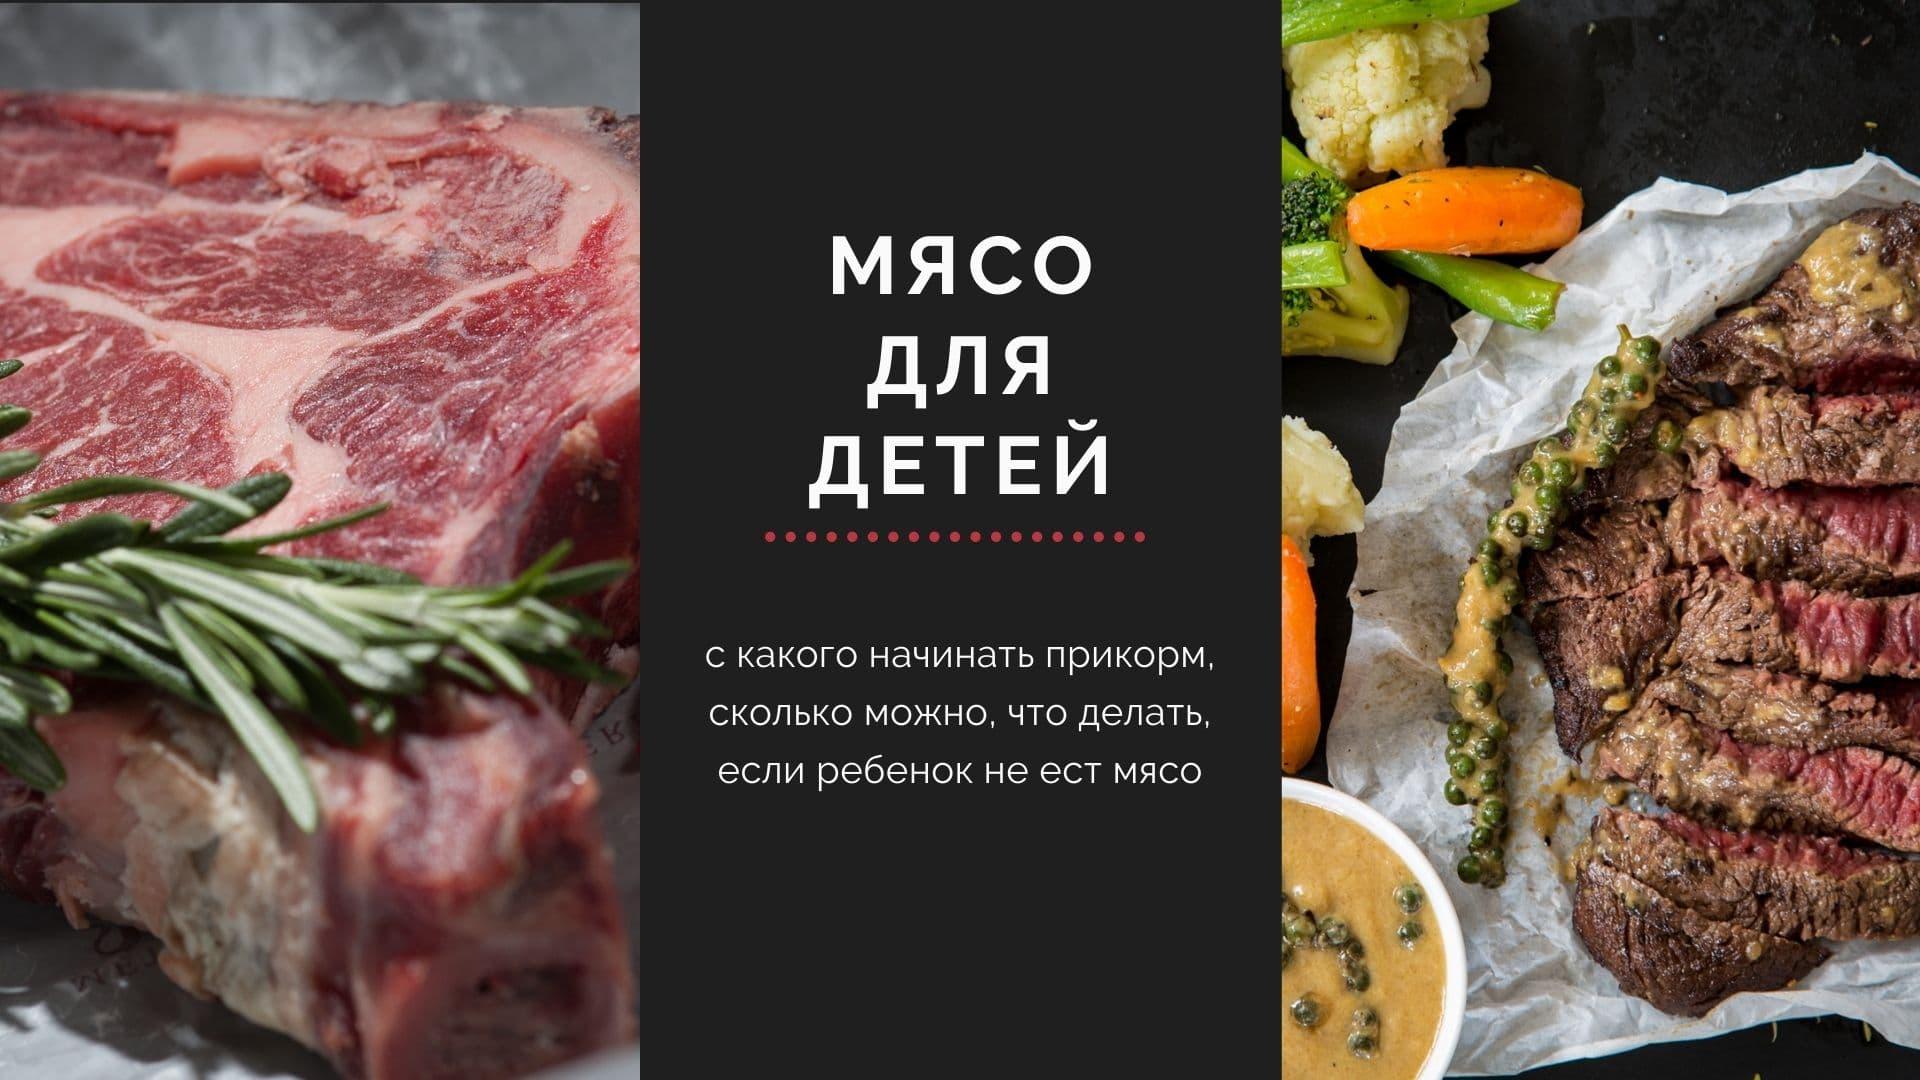 Мясо для детей: с какого начинать прикорм, сколько можно, что делать, если ребенок не ест мясо